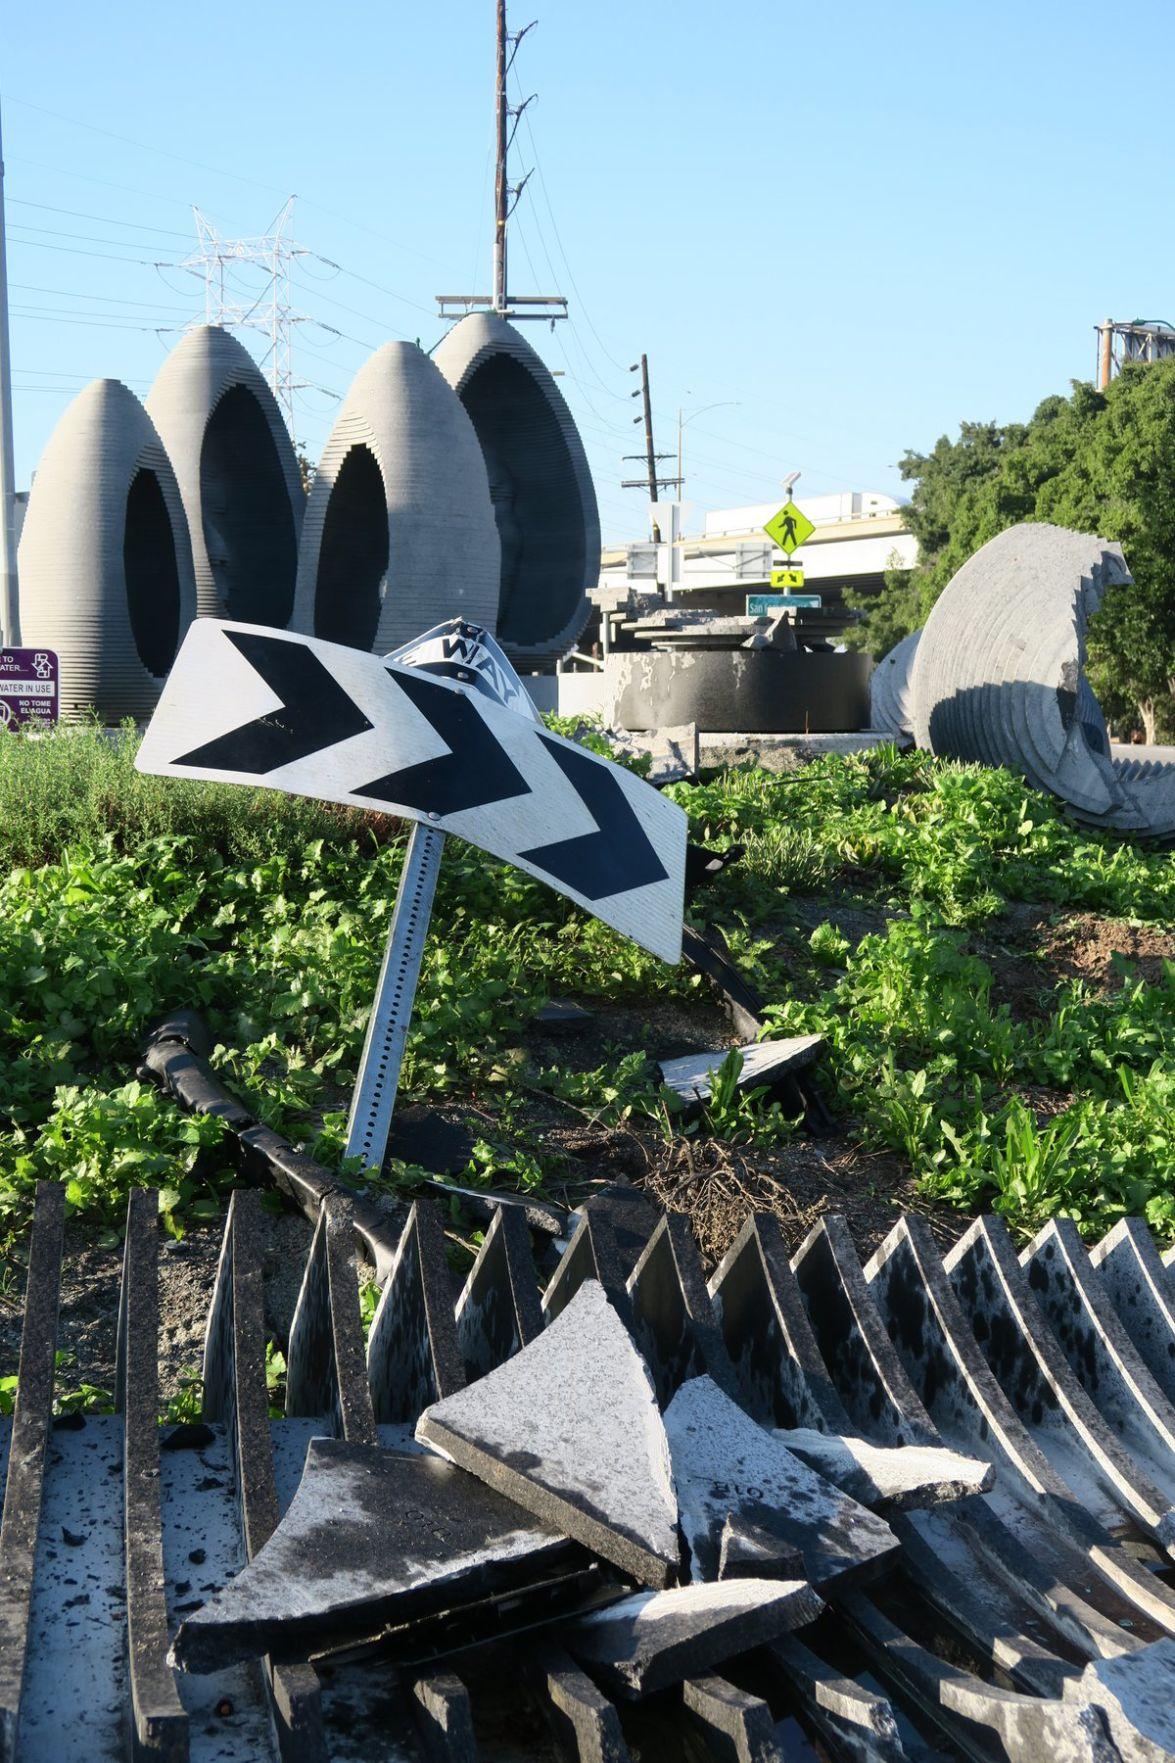 Damaged Cypress Park roundabout art artwork statues Jesus Sanchez 11-29-2019 4-10-31 PM.JPG